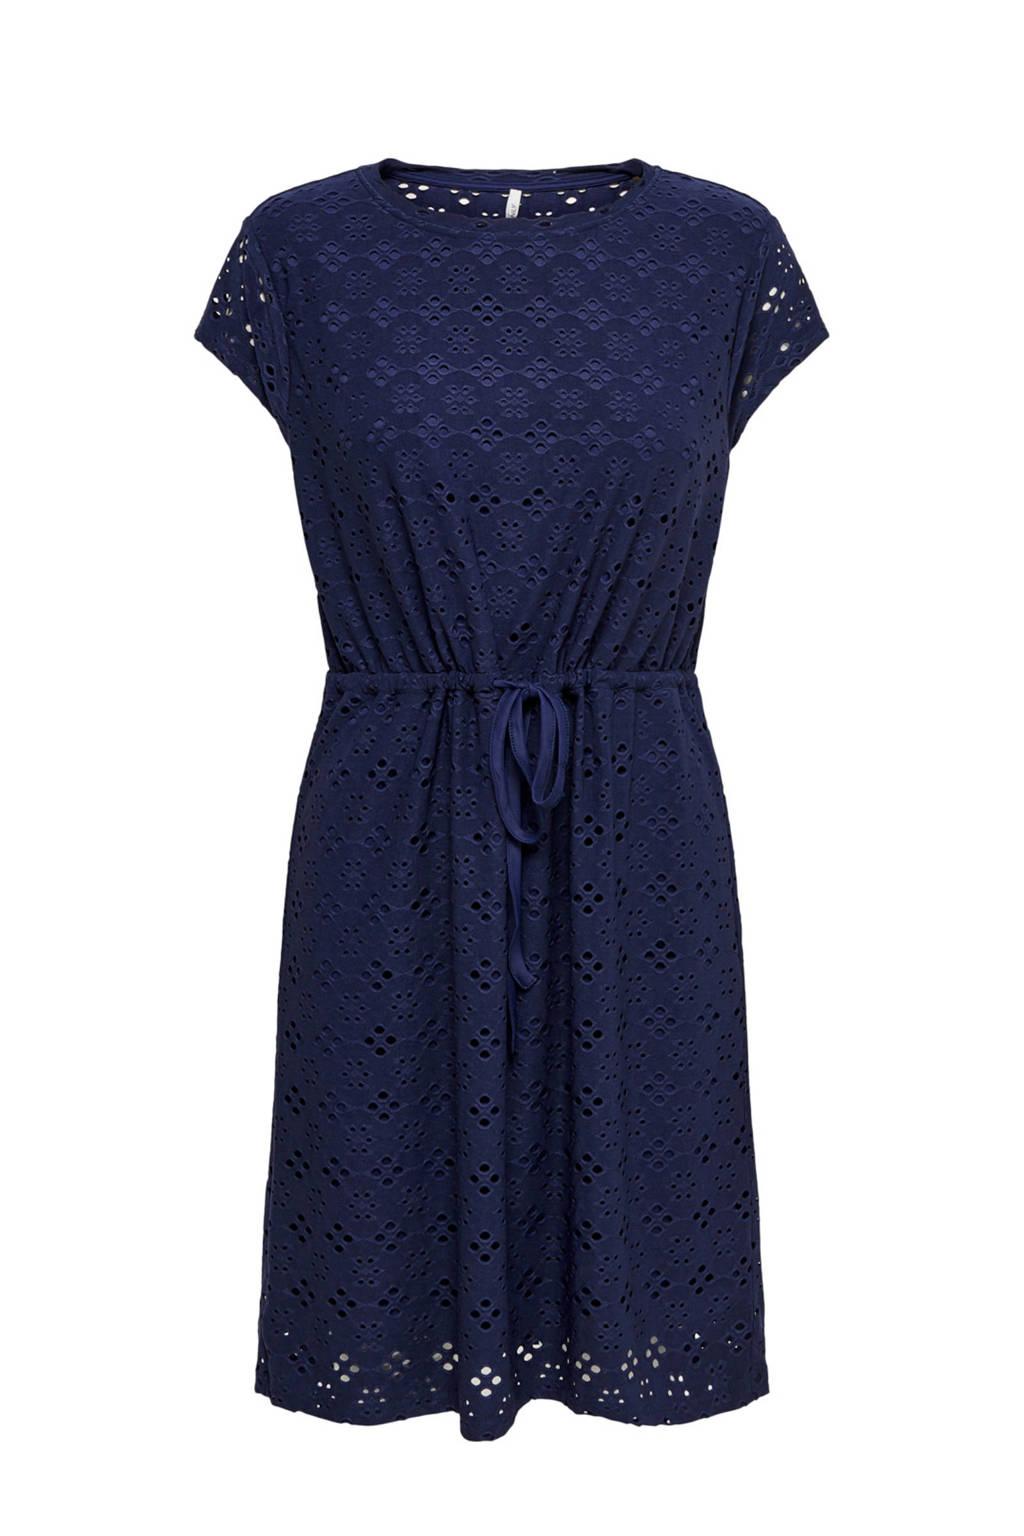 ONLY jersey jurk blauw, Blauw